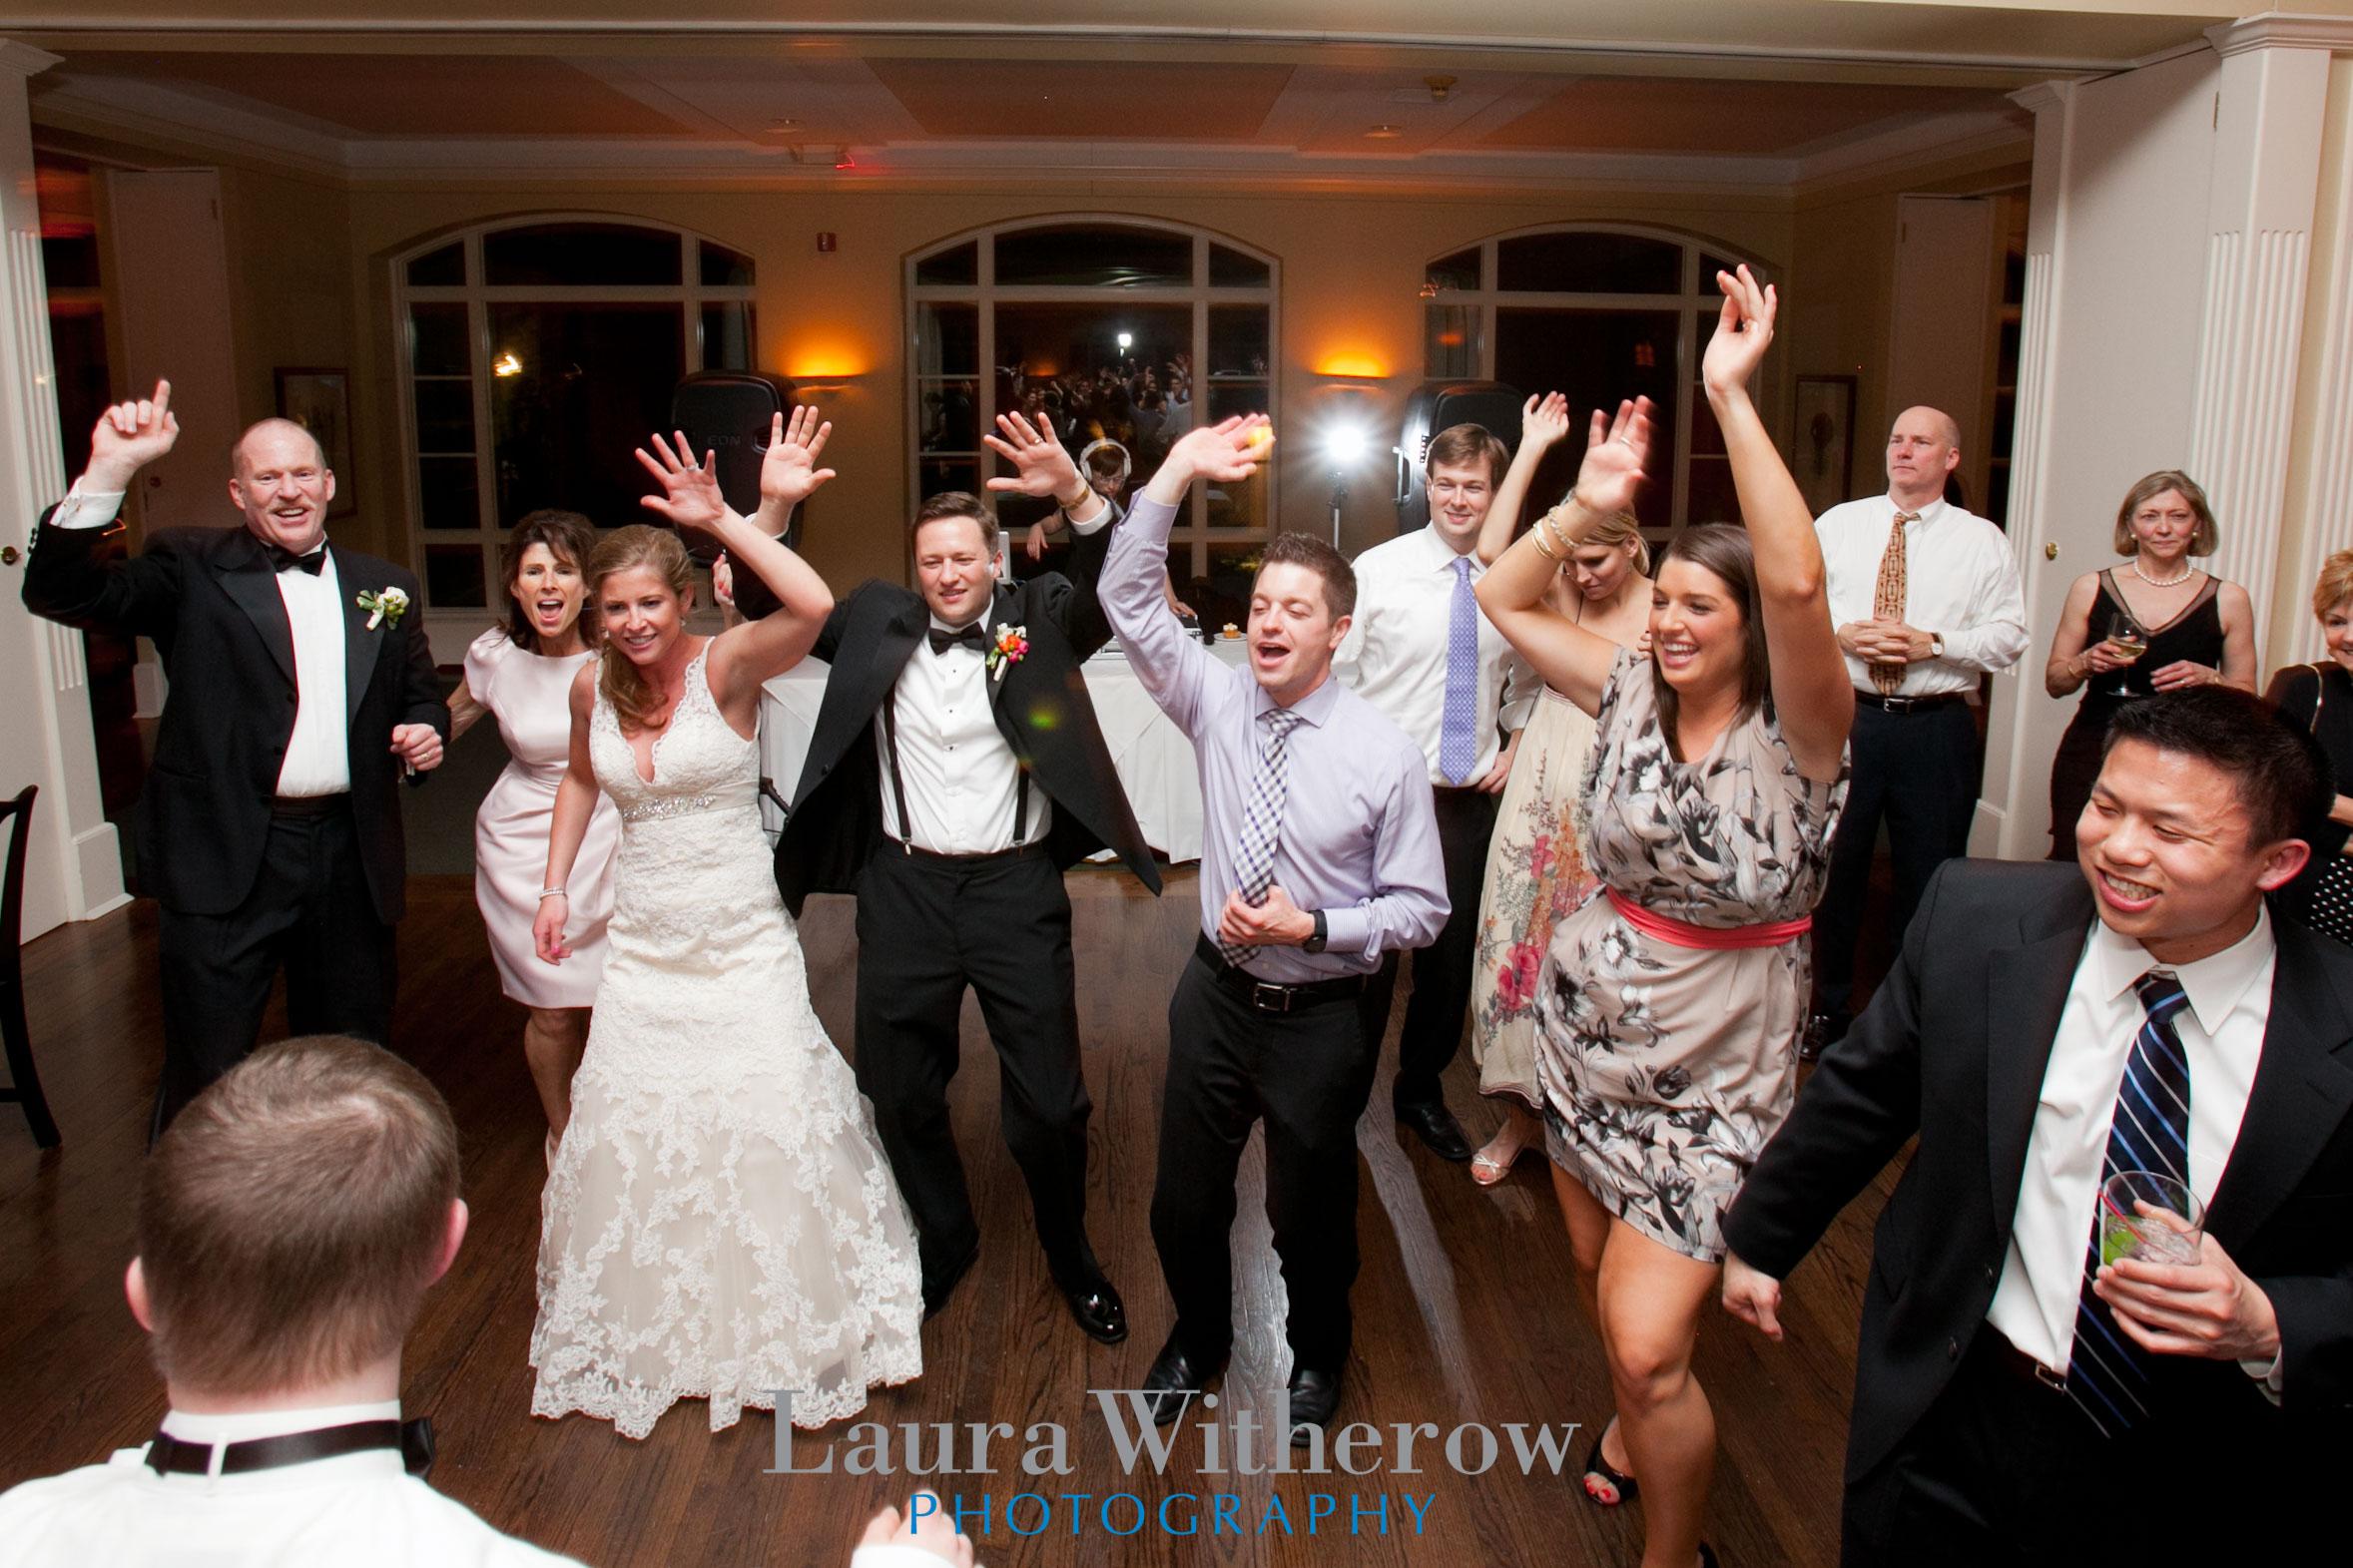 hinsdale-il-weddings.jpg